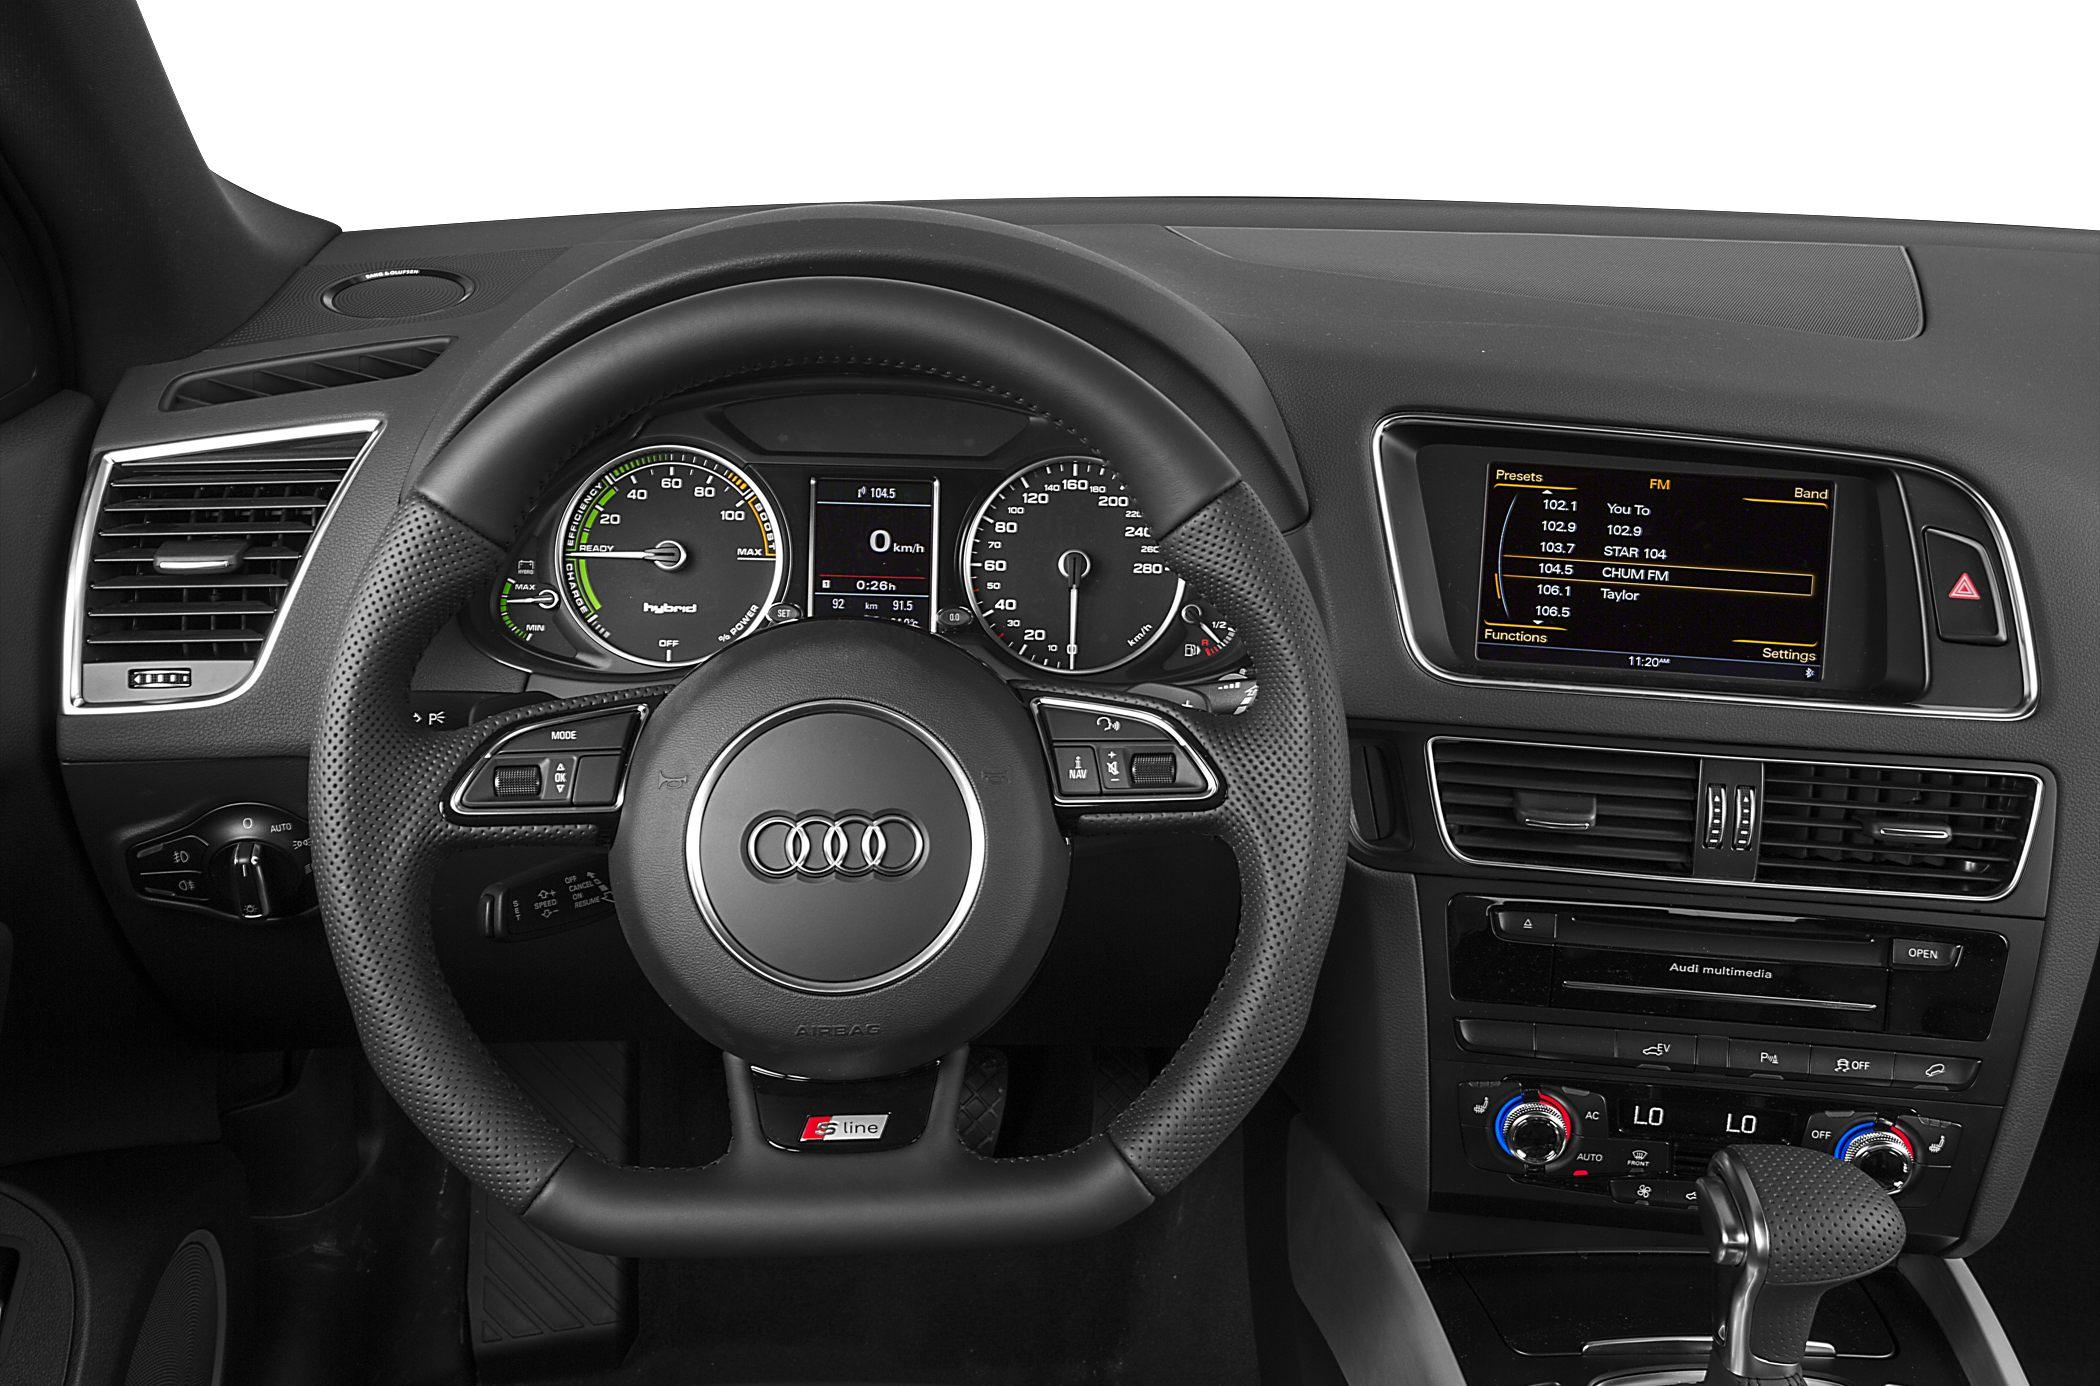 2015 Audi Q5 Hybrid Interior Dash